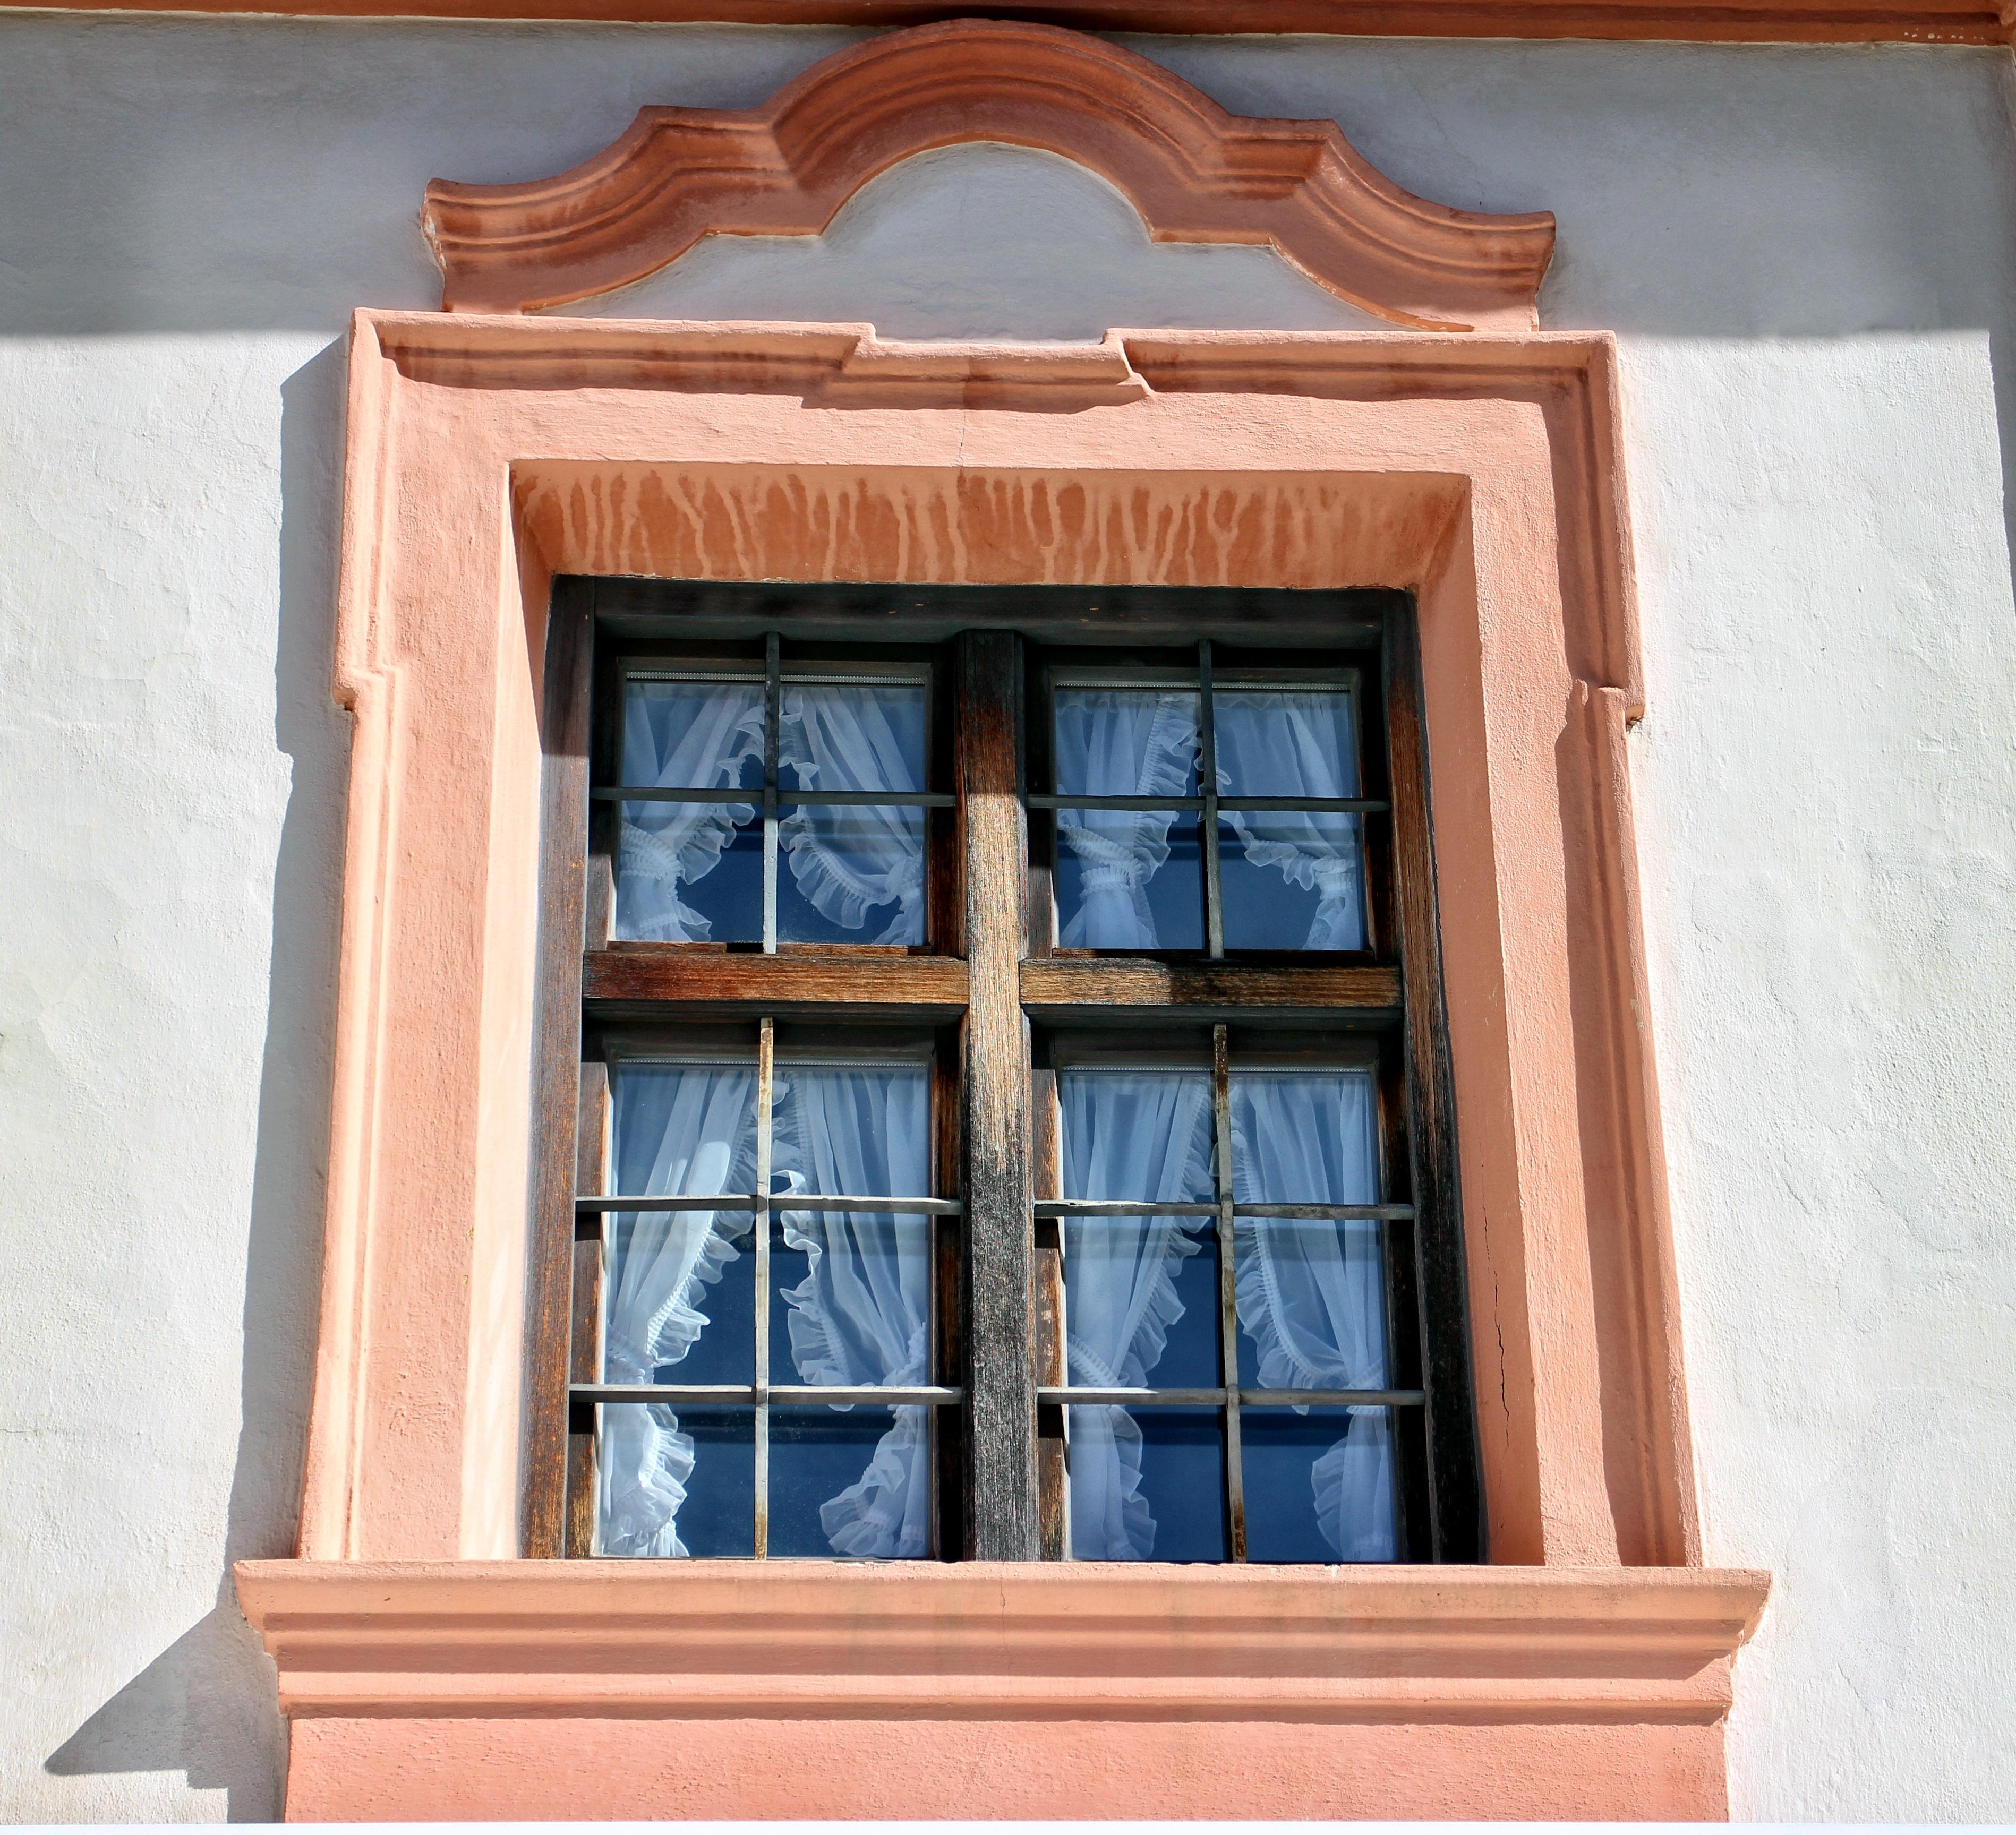 Fotos gratis arquitectura madera antiguo casa for Puertas y ventanas usadas en rosario